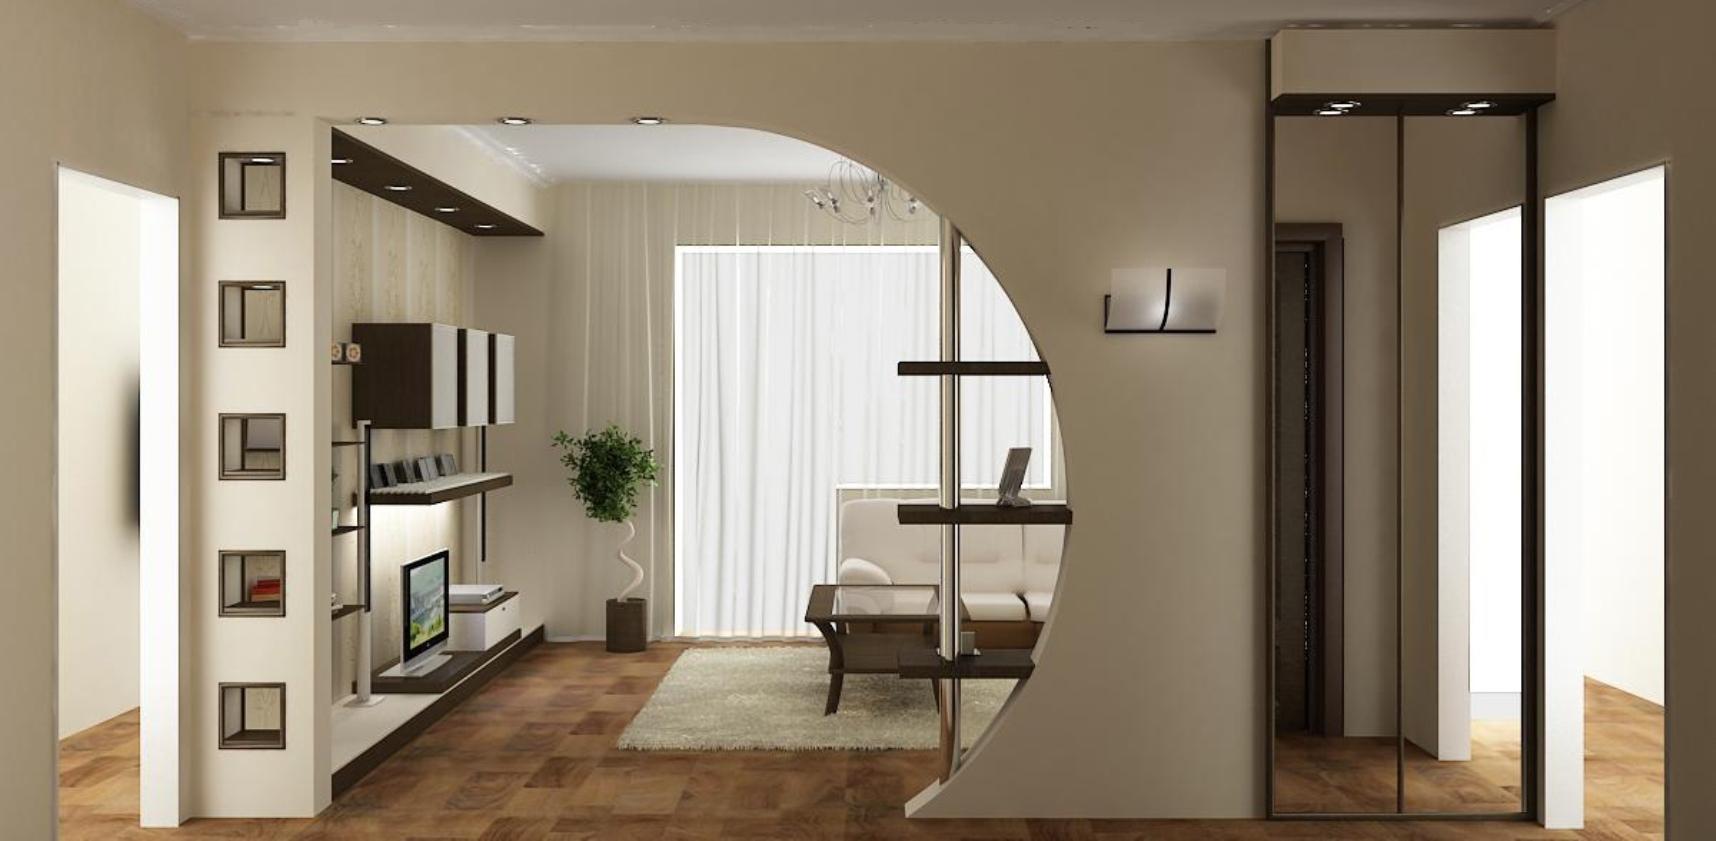 применение гипсокартона в дизайне интерьера квартиры